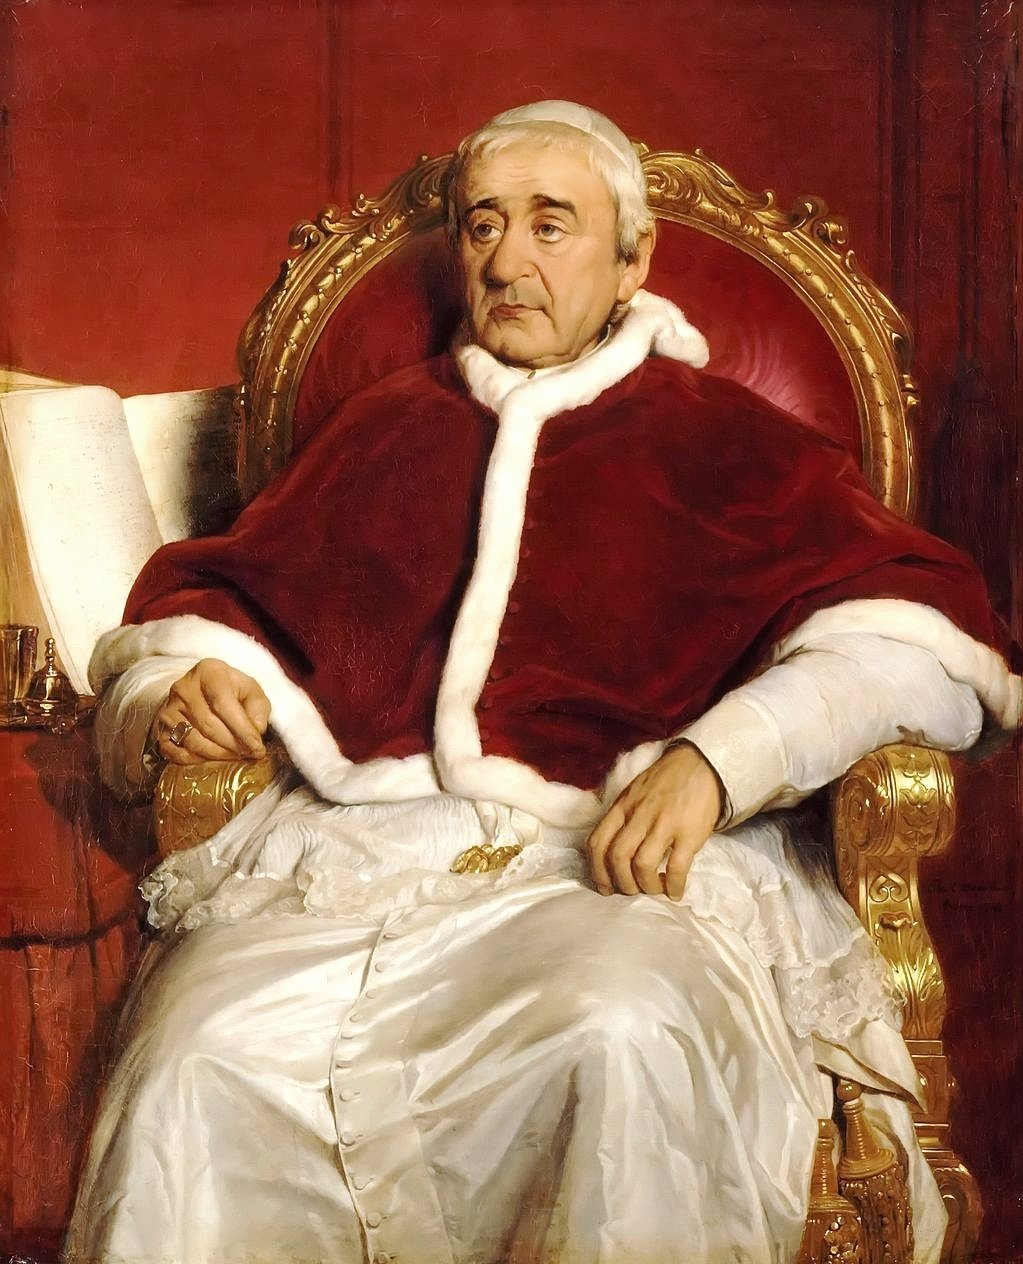 Papież Grzegorz XVI autor encykliki potępiającej powstanie listopadowe w Polsce